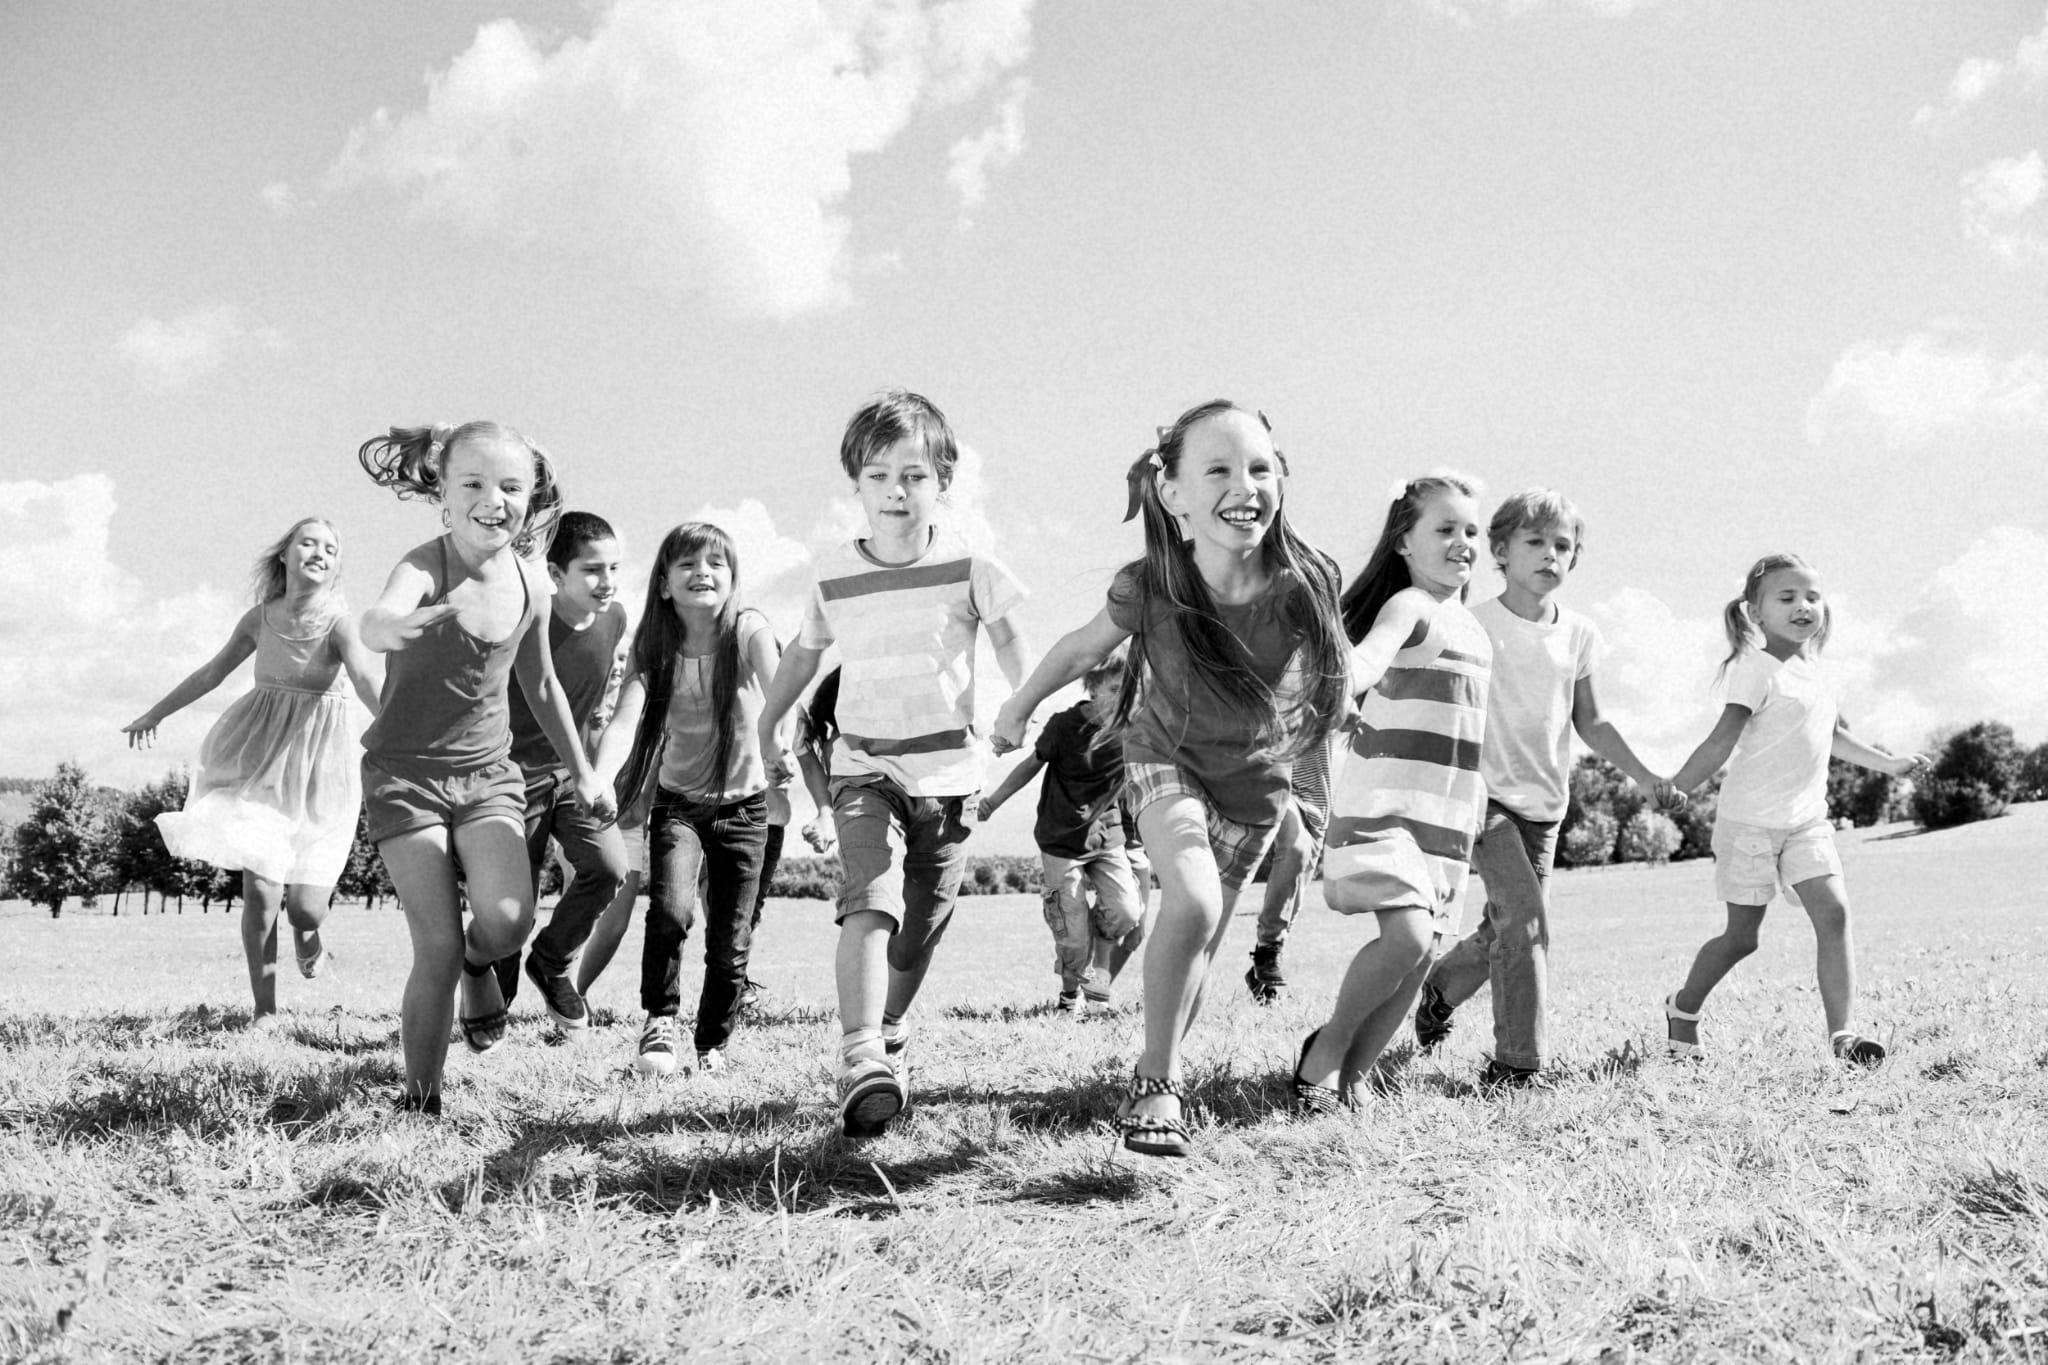 Separazione e divorzio con figli minori